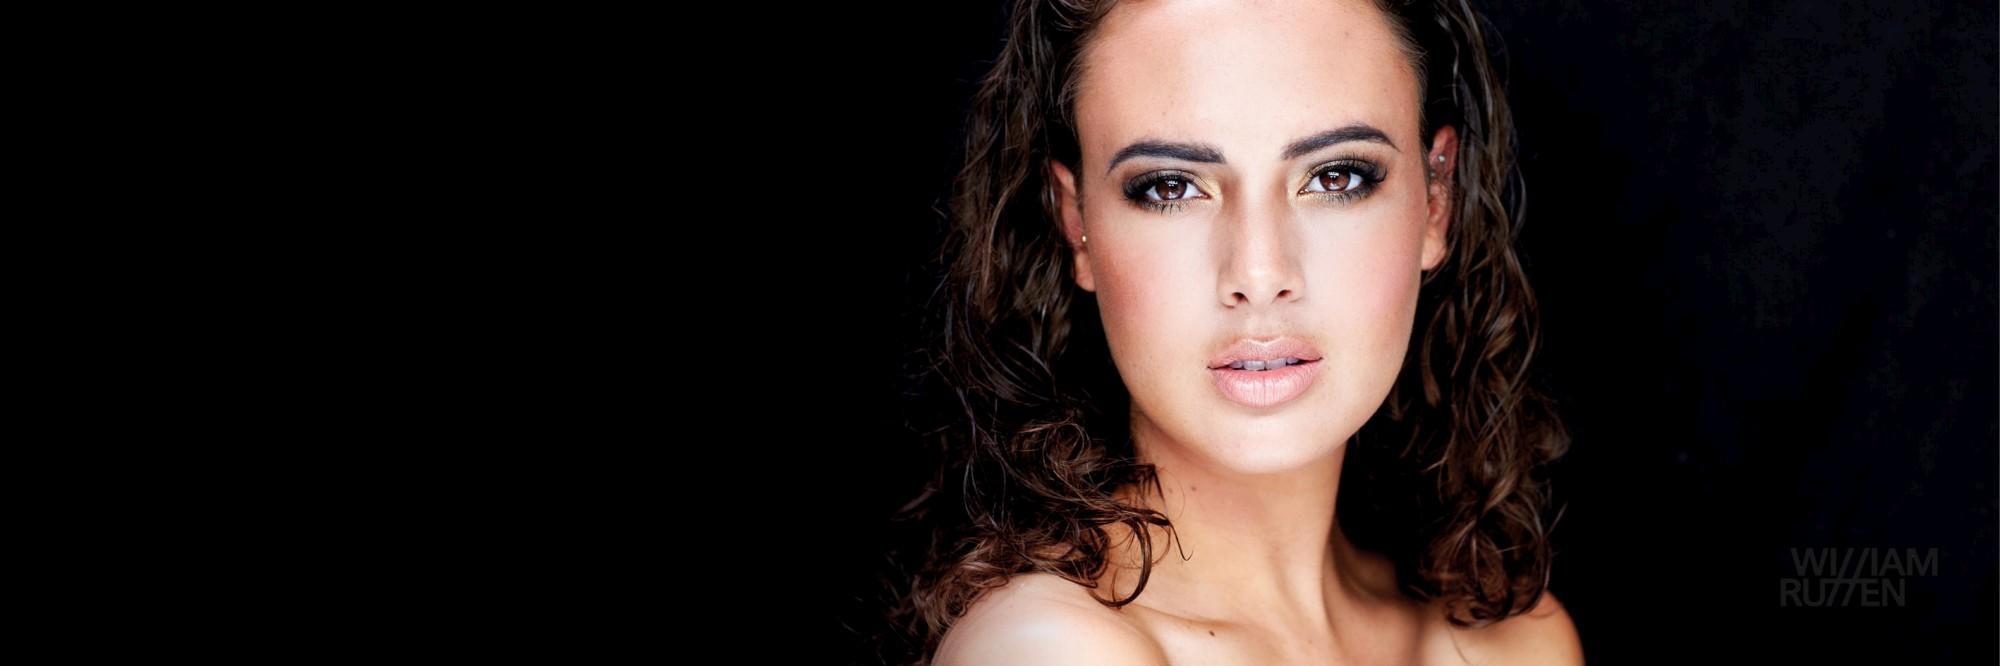 Miss Nederland Zoey Ivory van der Koelen vertegenwoordigd Nederland bij Miss Universe verkiezing